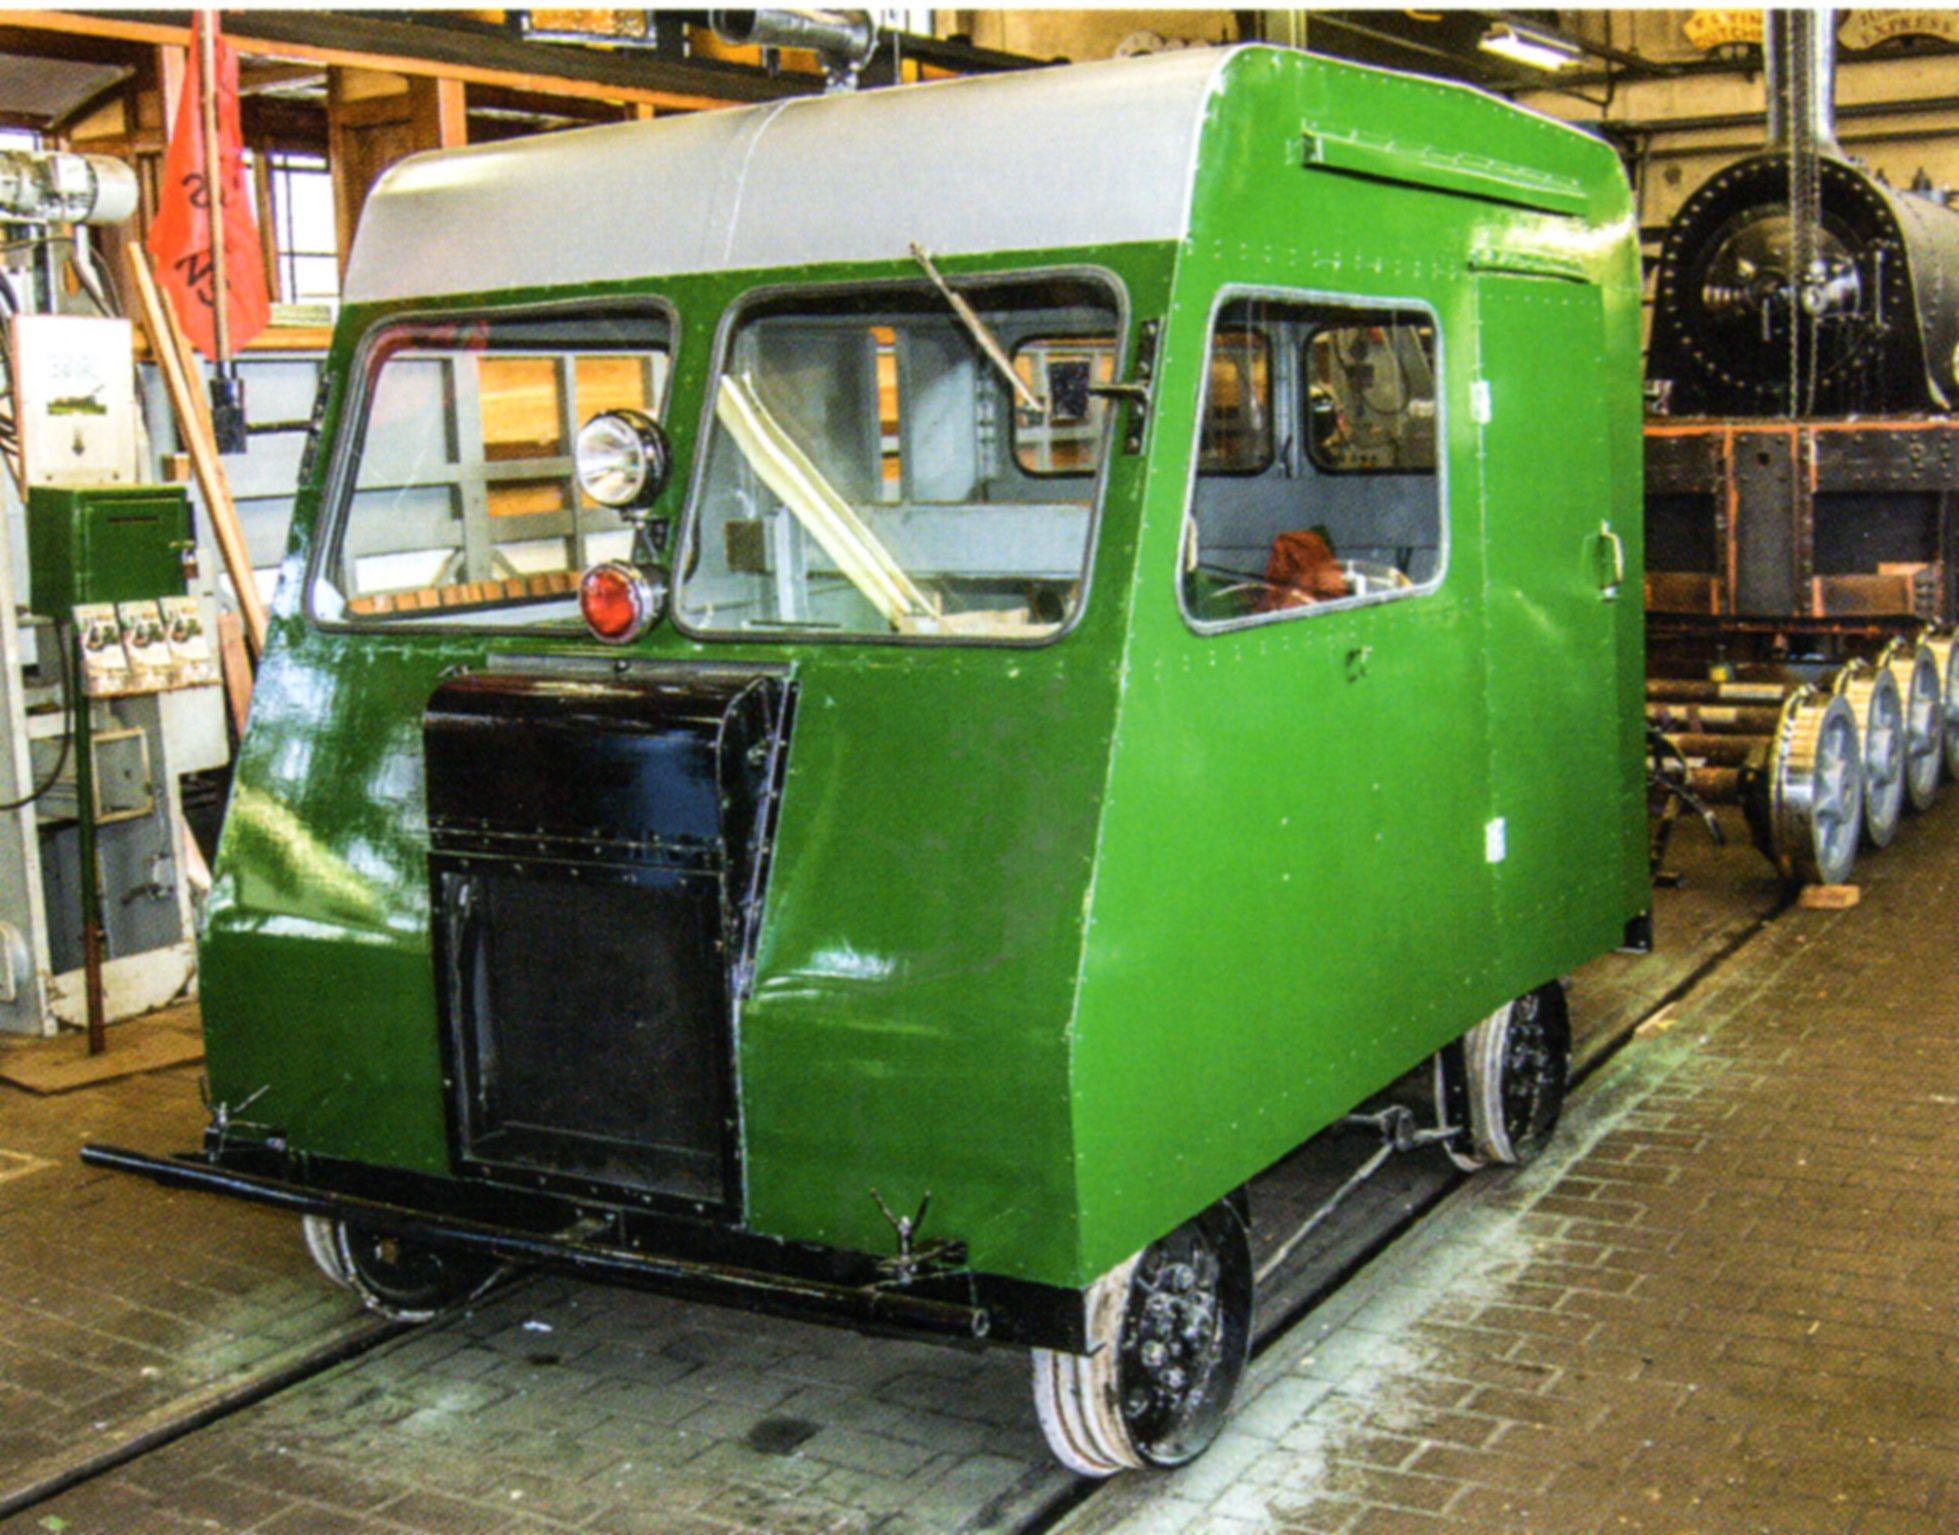 Motorlorry No.78